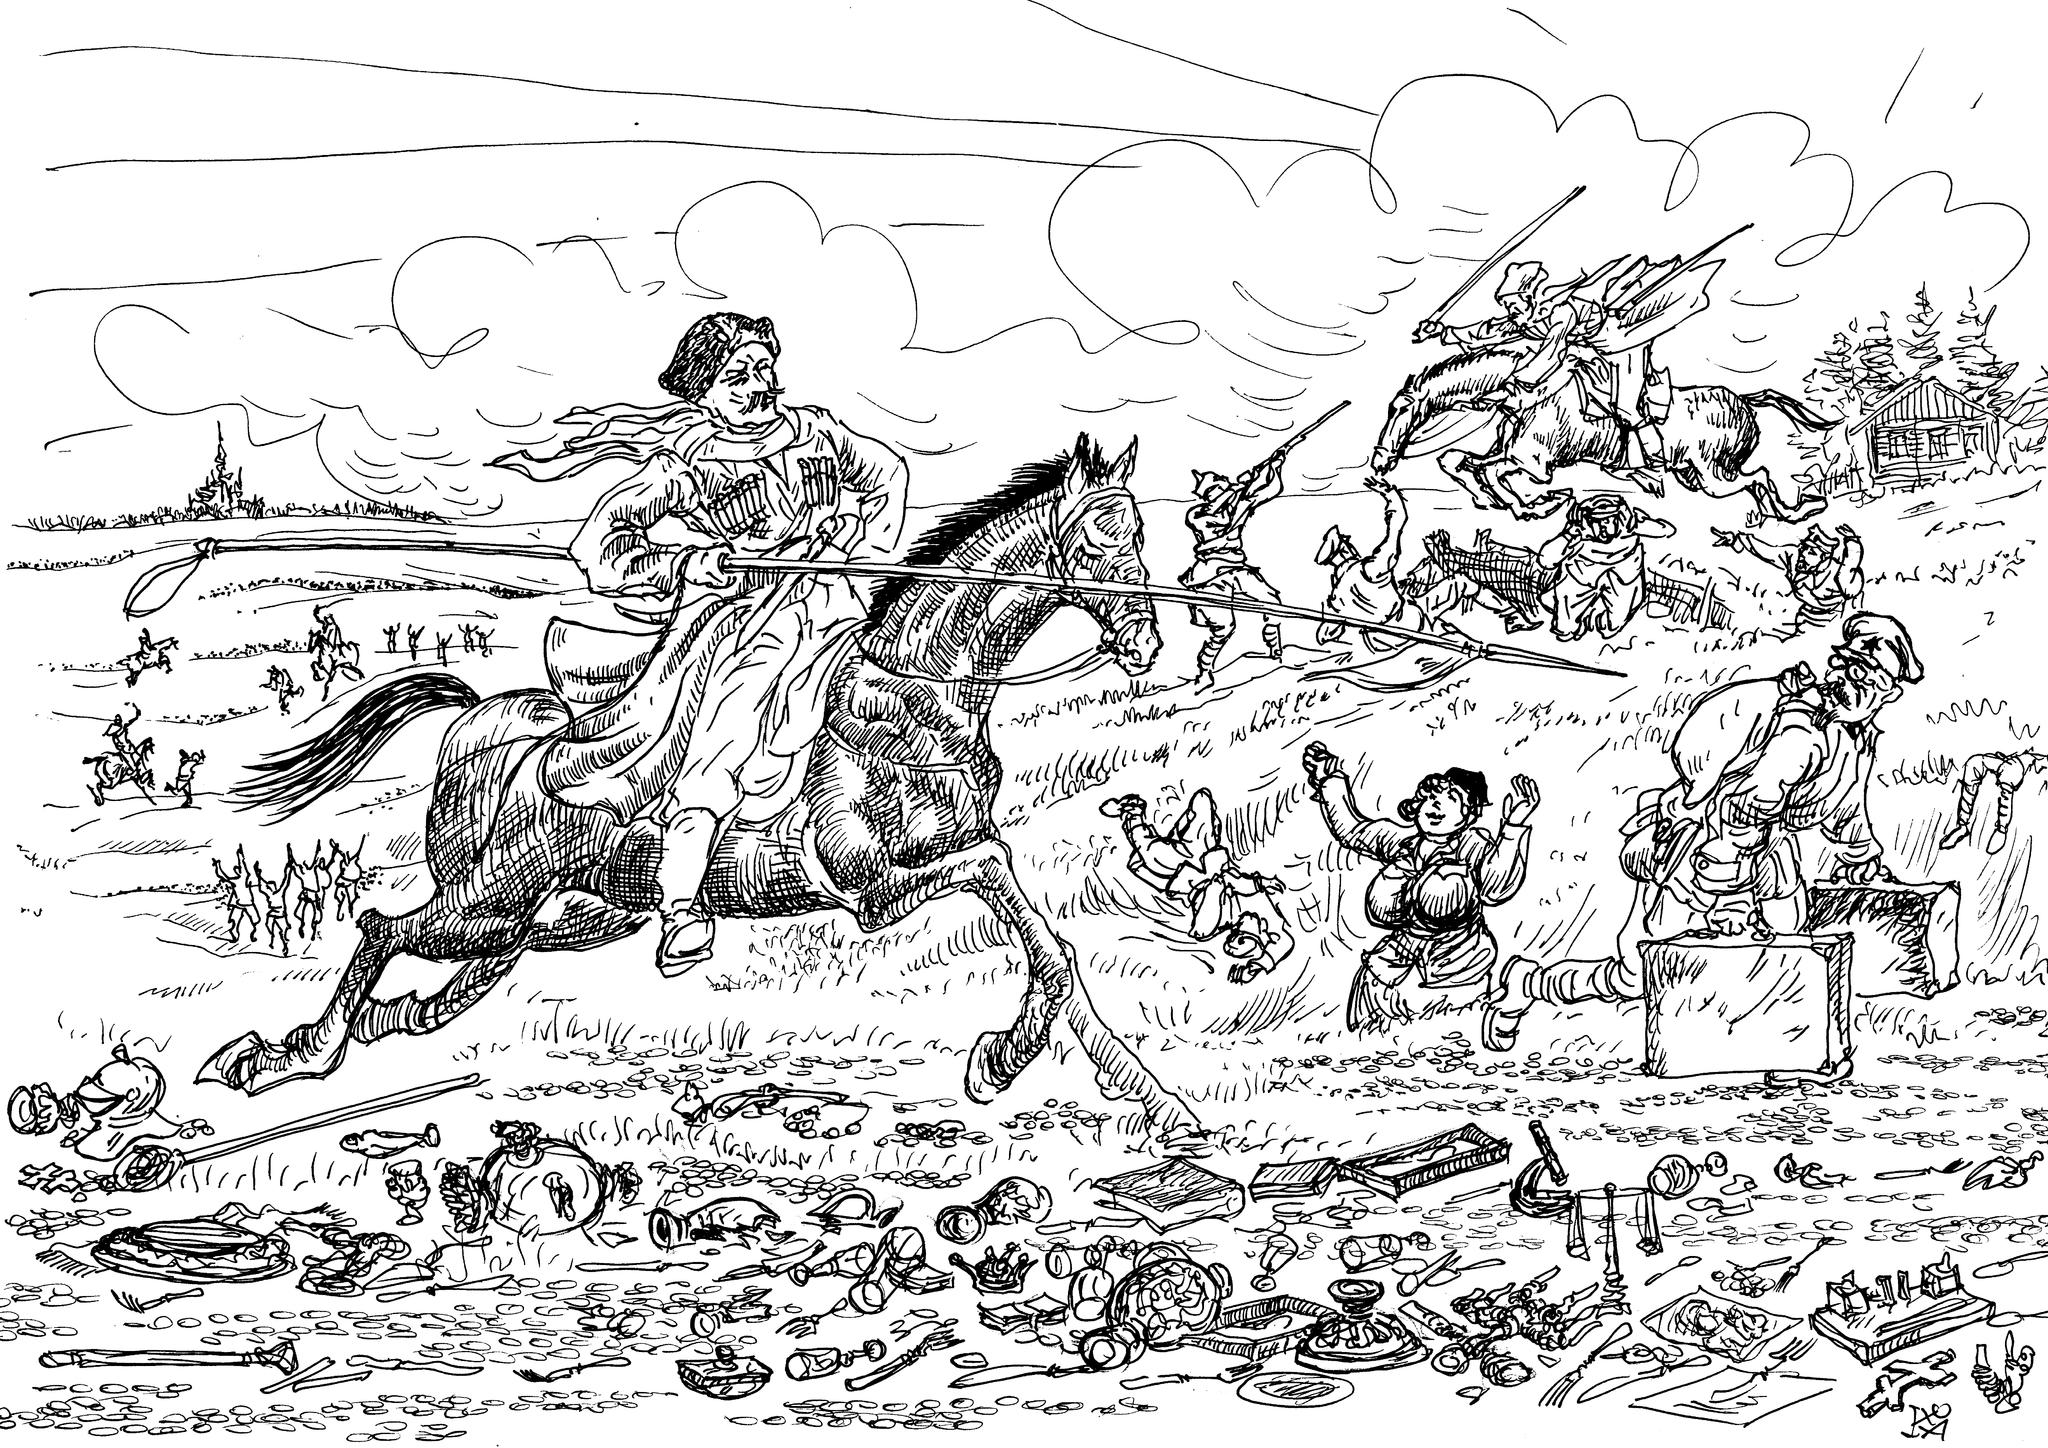 Казаки отбили у комиссаров то, что комиссары награбили в музеях, церквях и у населения